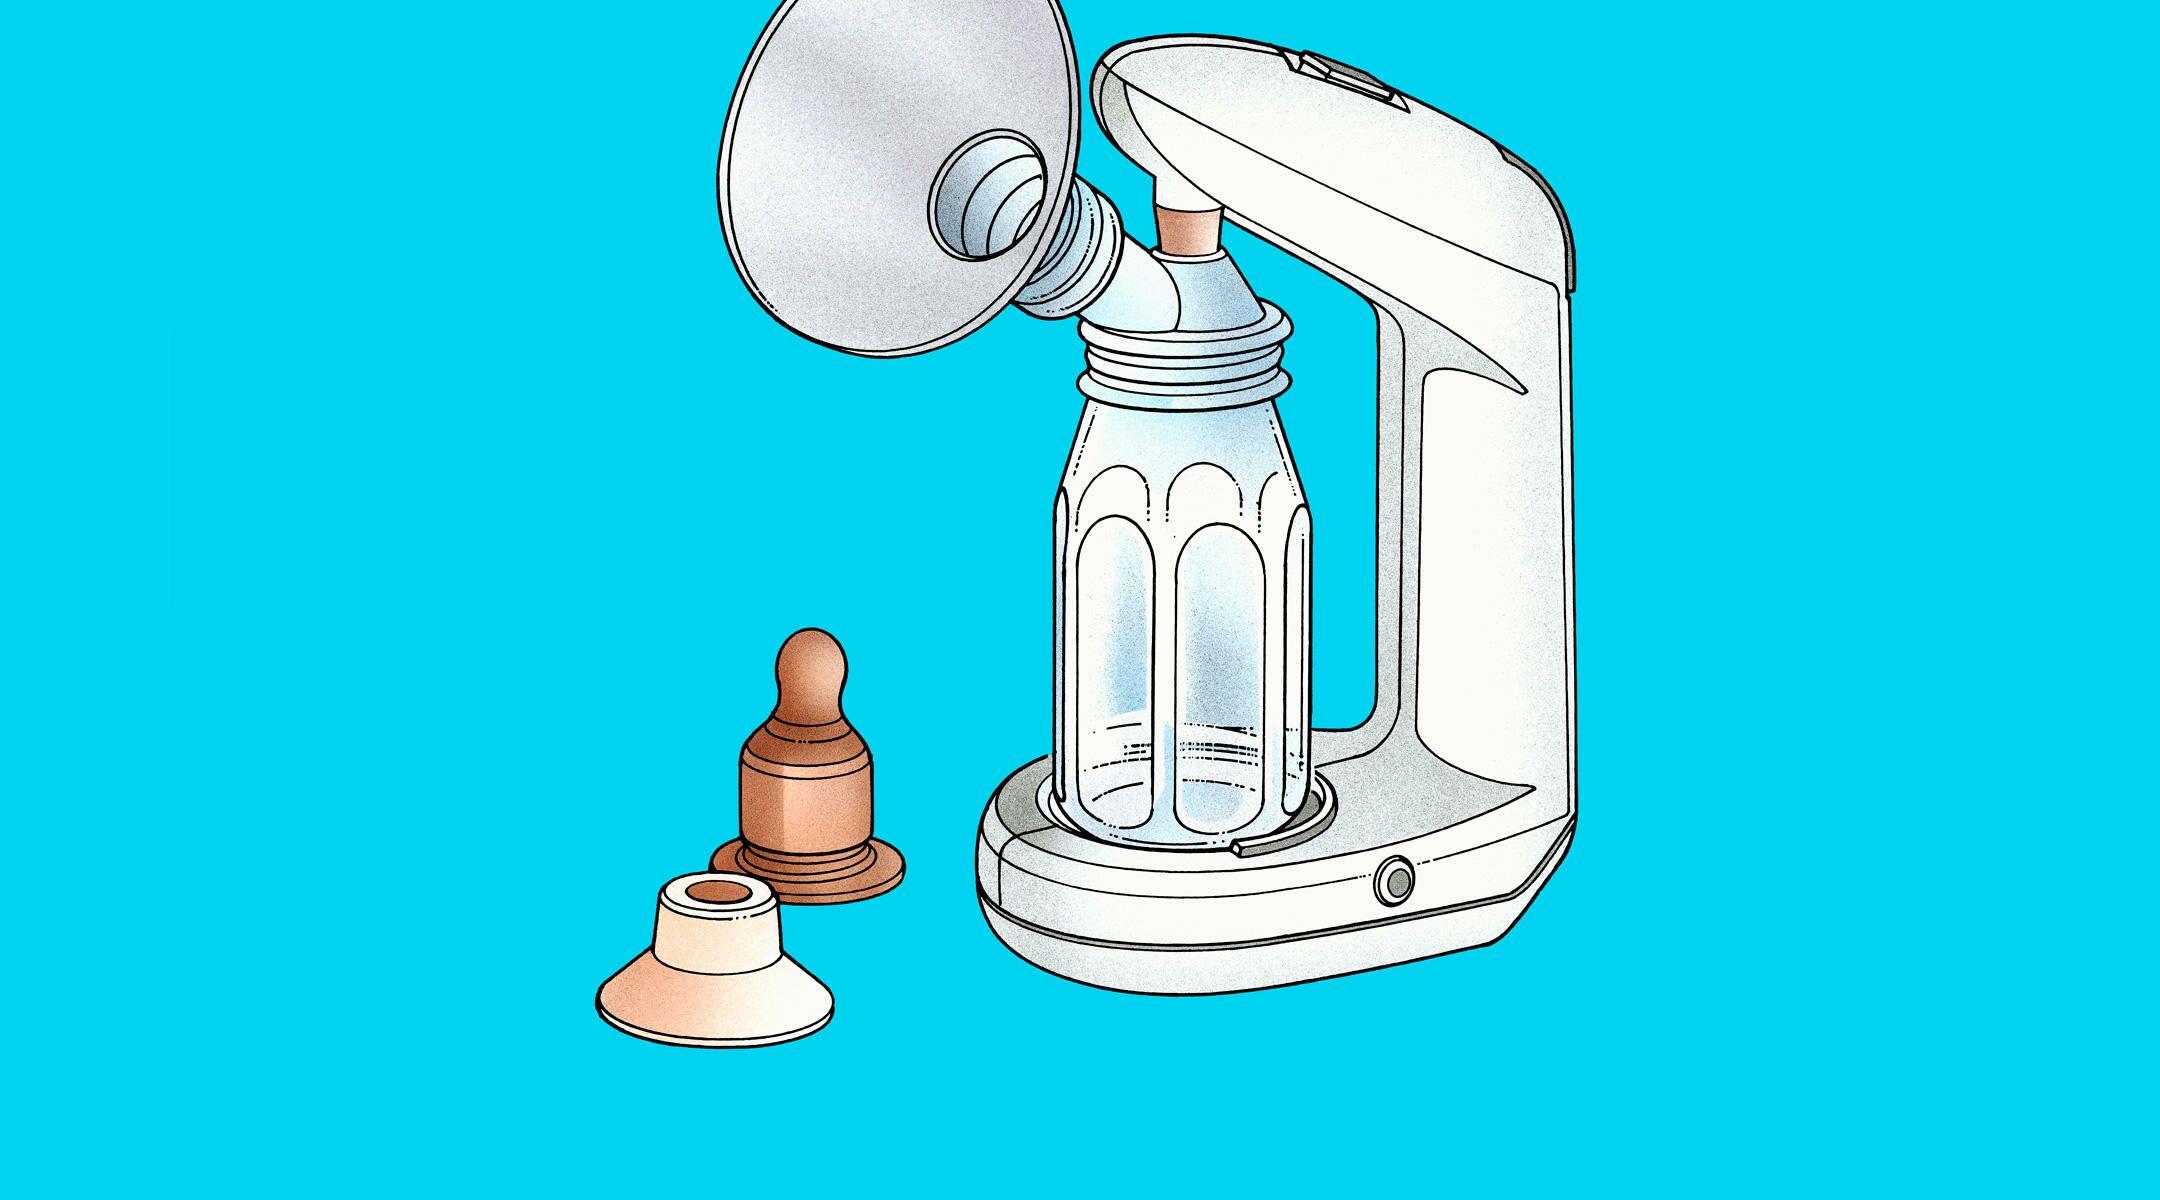 Thomas hospital breast pump rentals